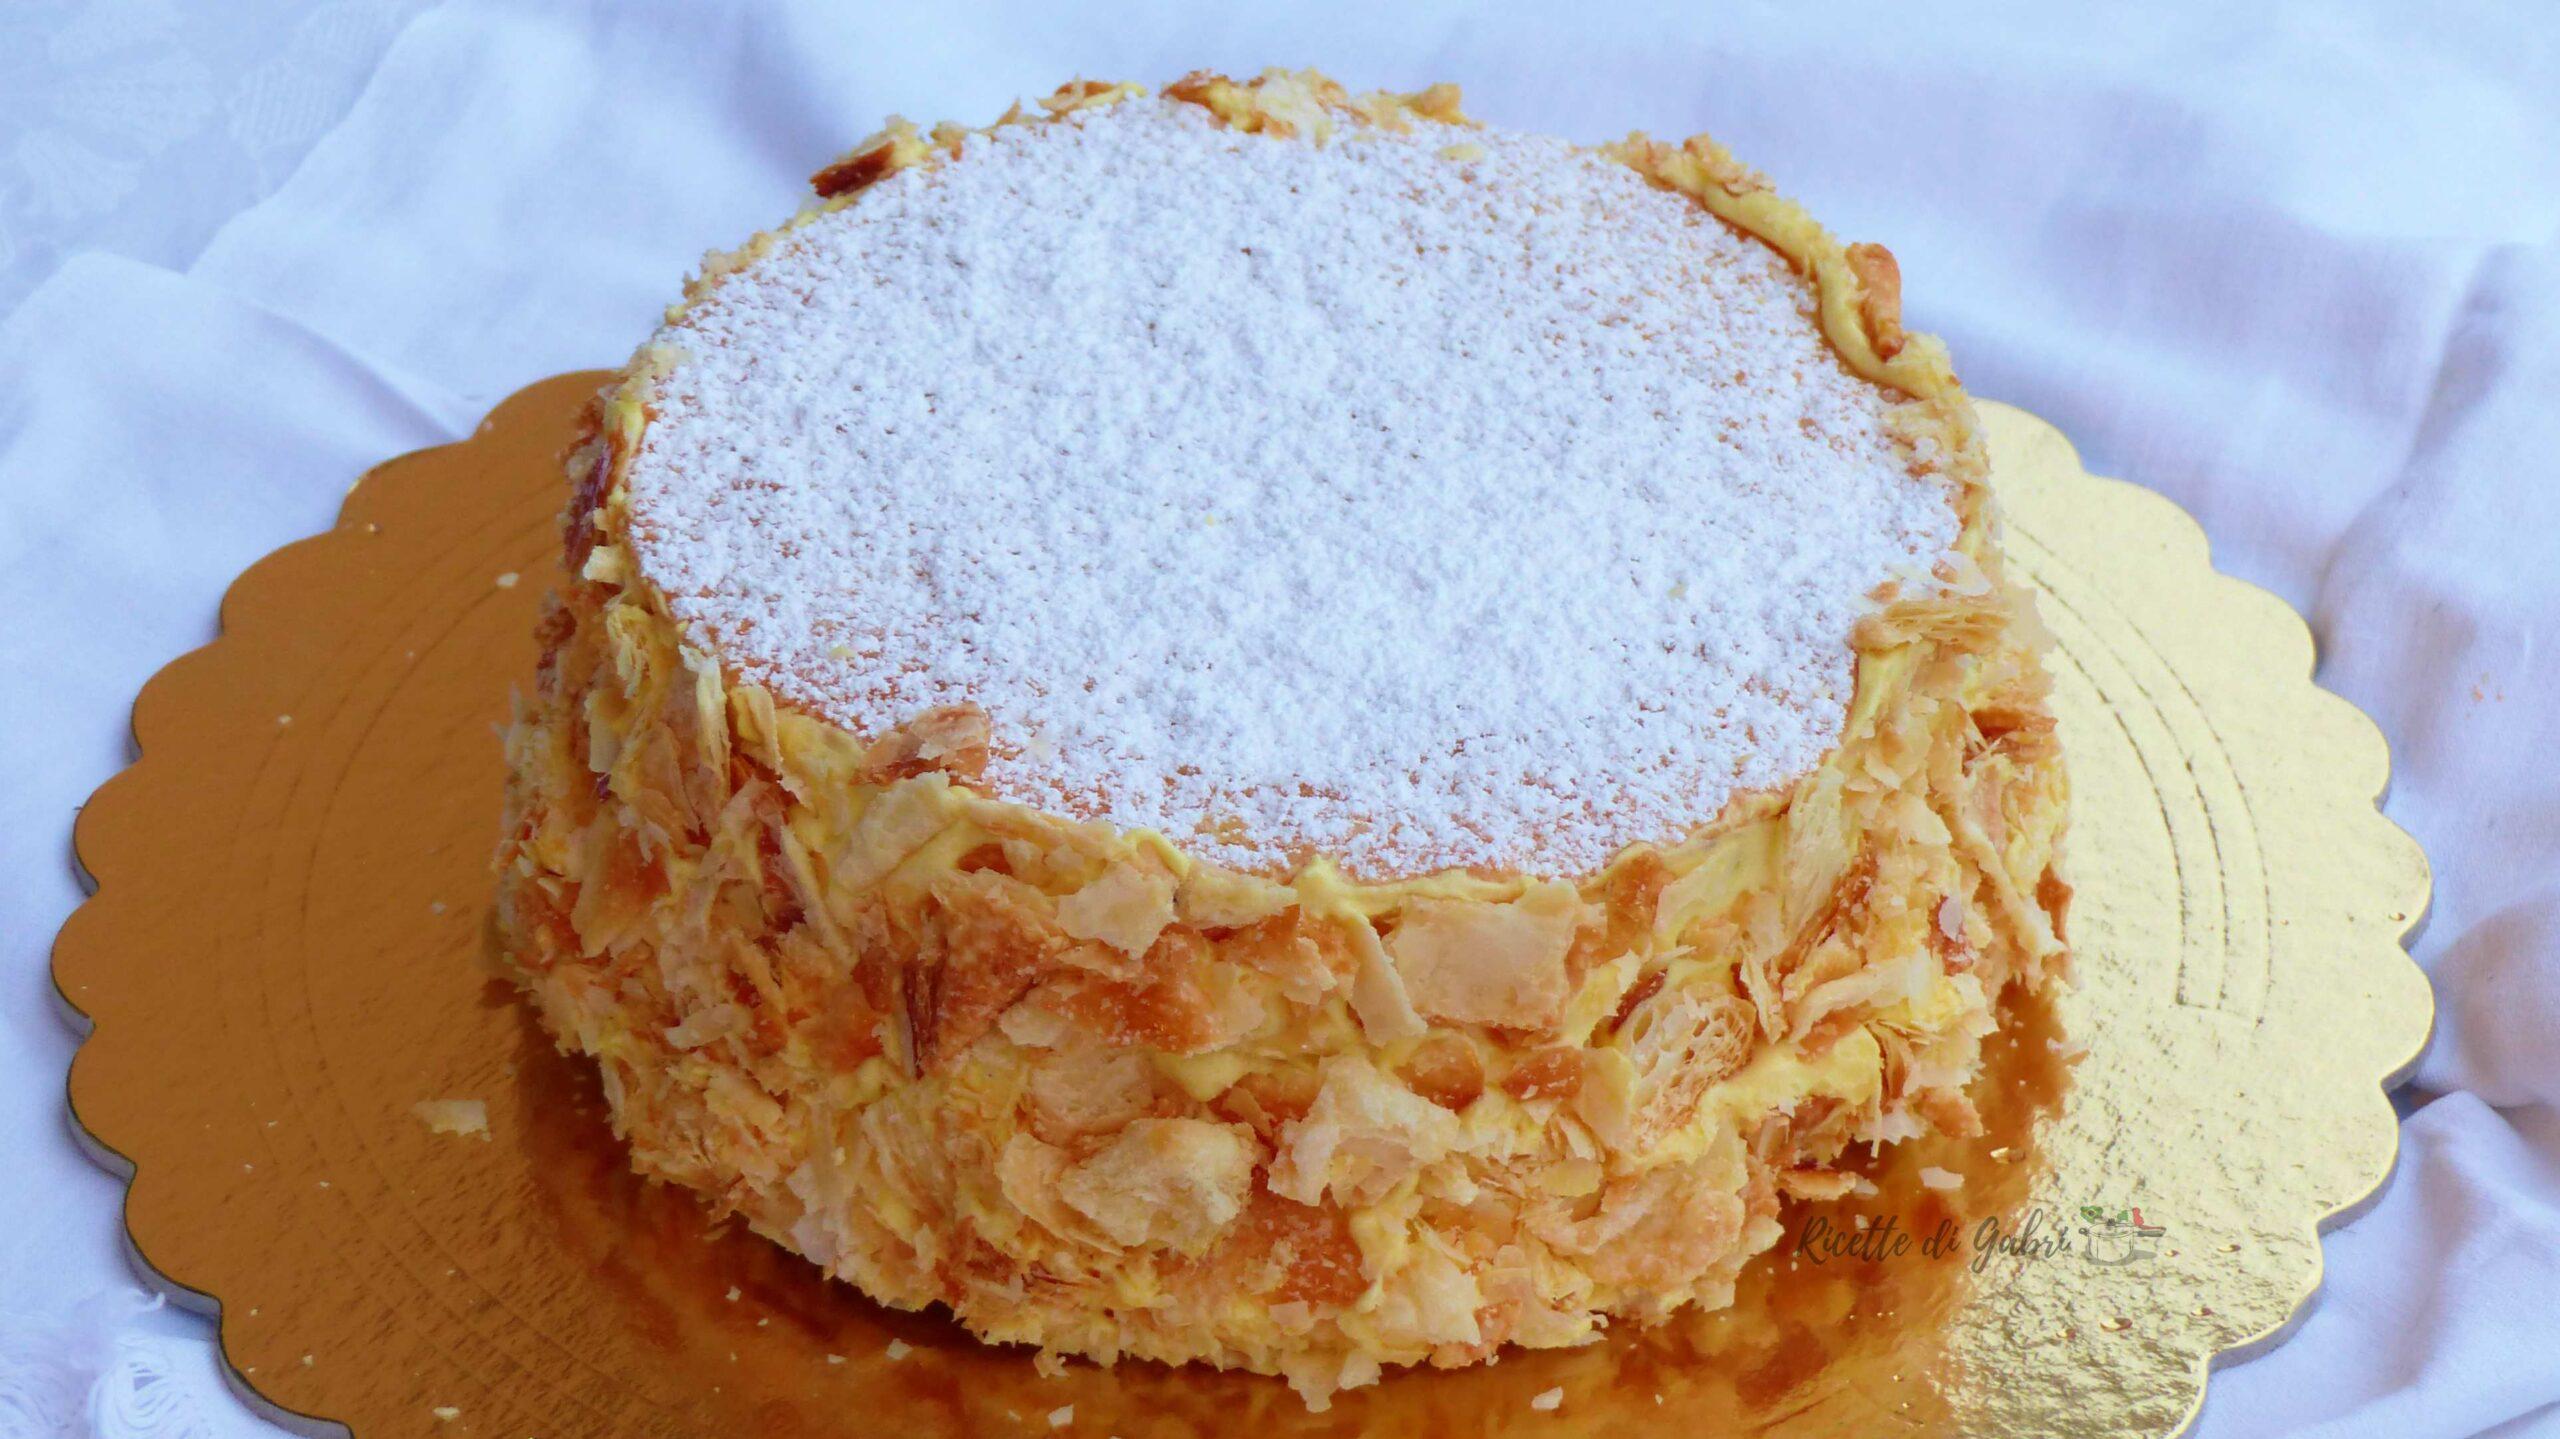 torta millefoglie alla crema ricetta classica di gabri facile veloce